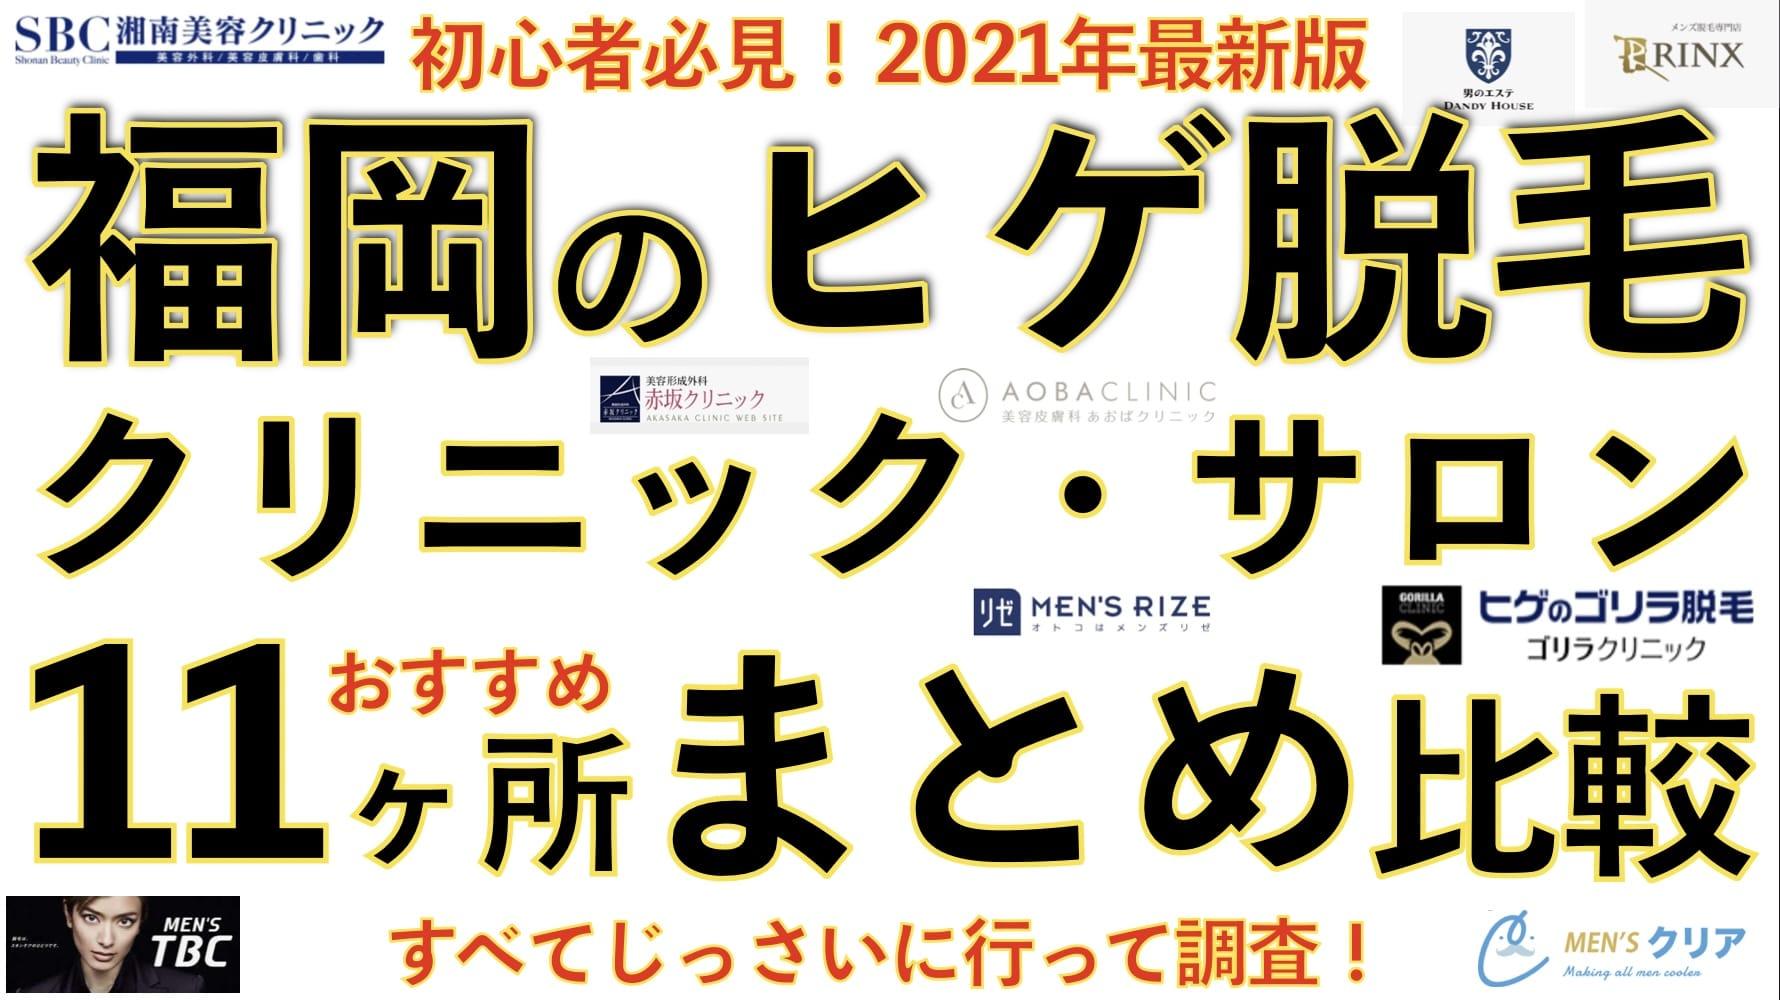 【2021年最新版】福岡ヒゲ脱毛おすすめクリニック・サロン11ヶ所まとめ!【博多・天神】サムネイル画像